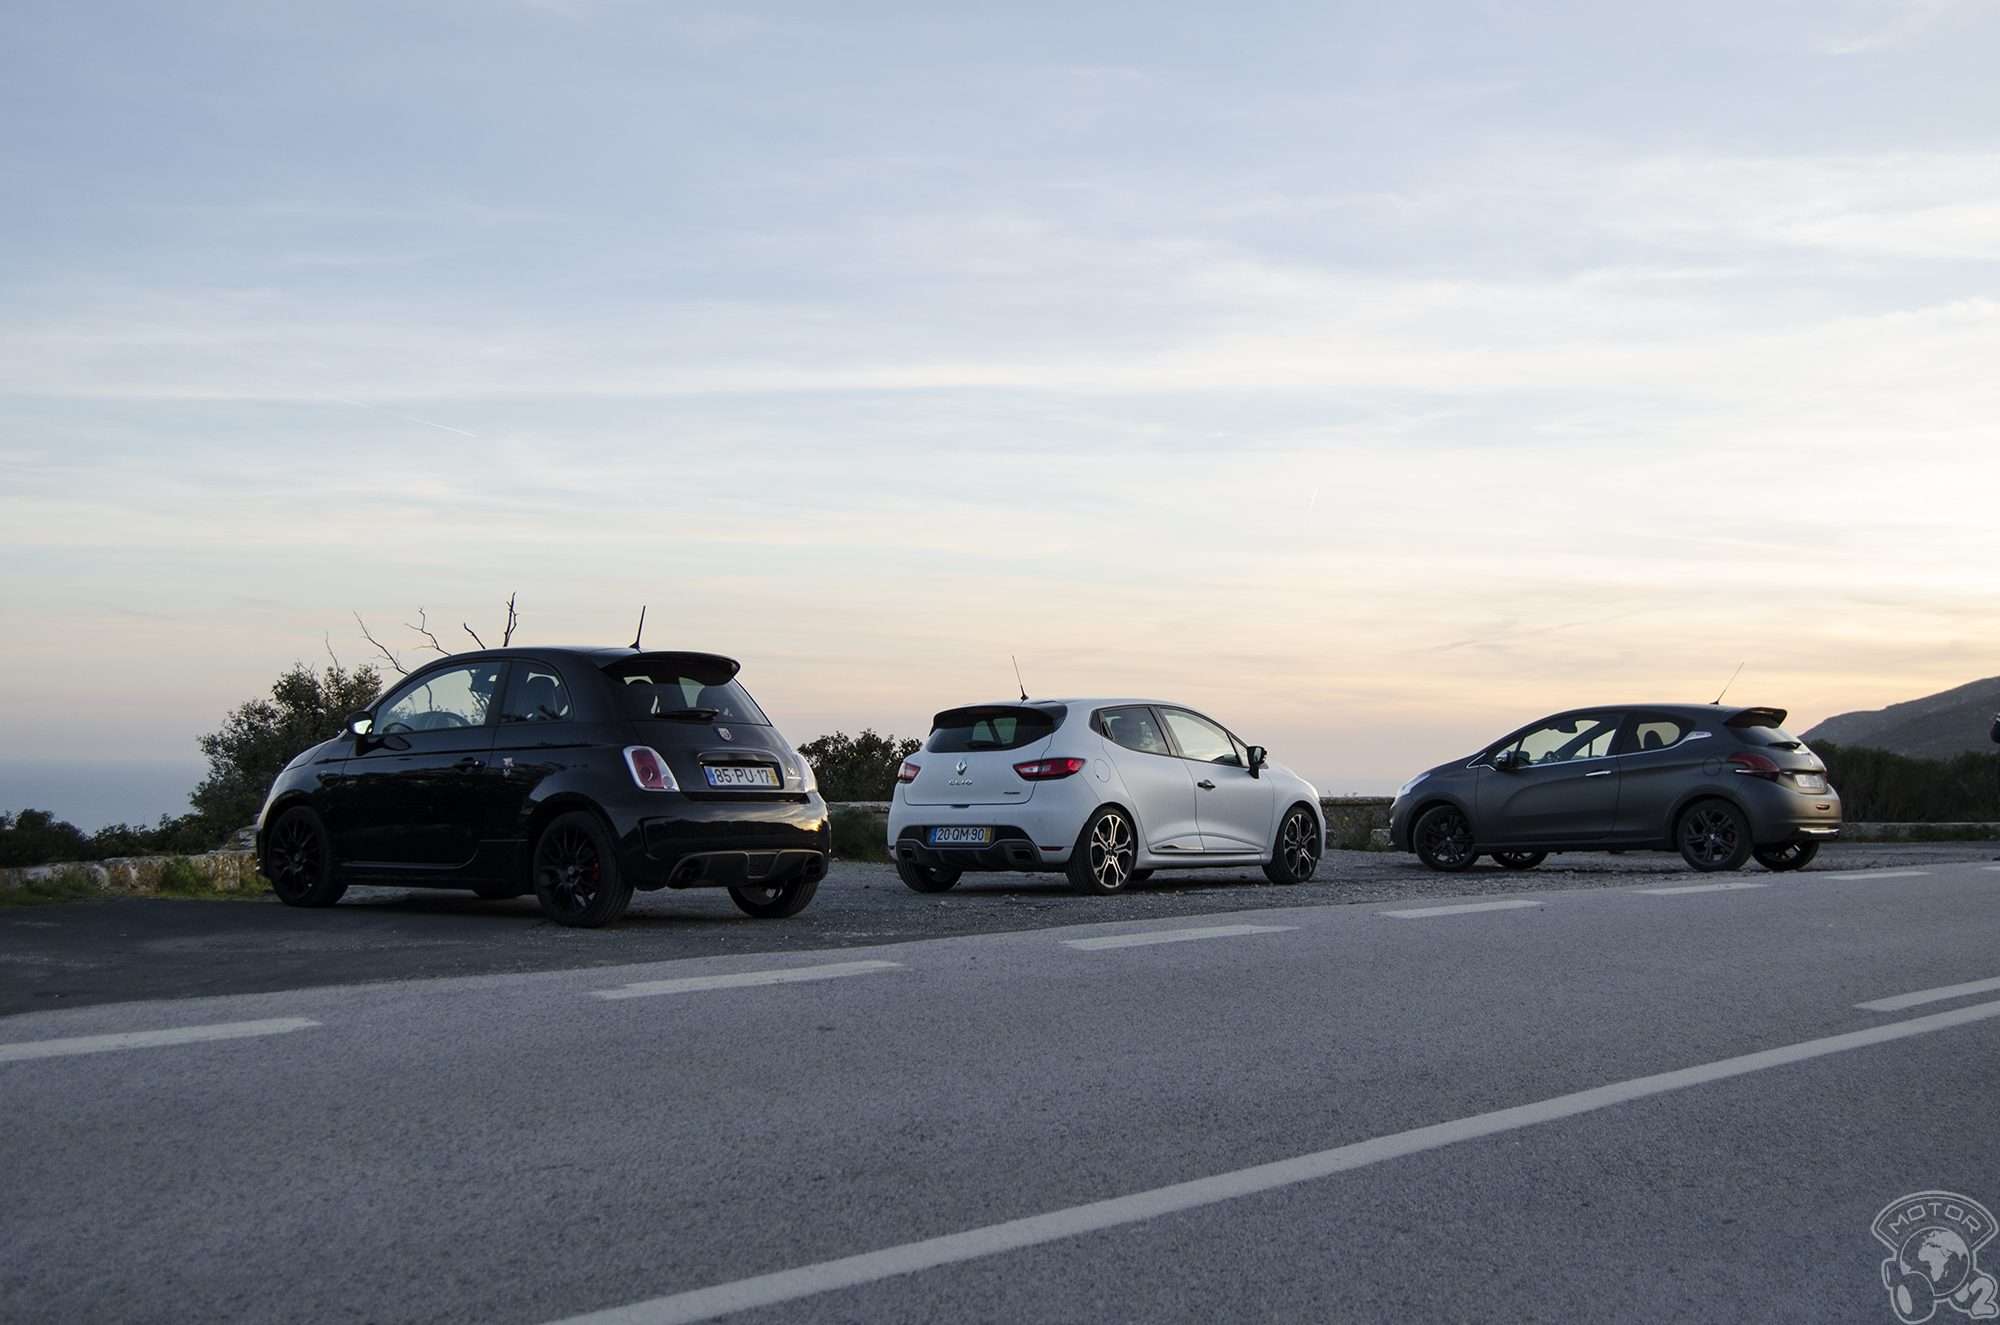 Ensaio by MotorO2: Competizione, Trophy e GTi…